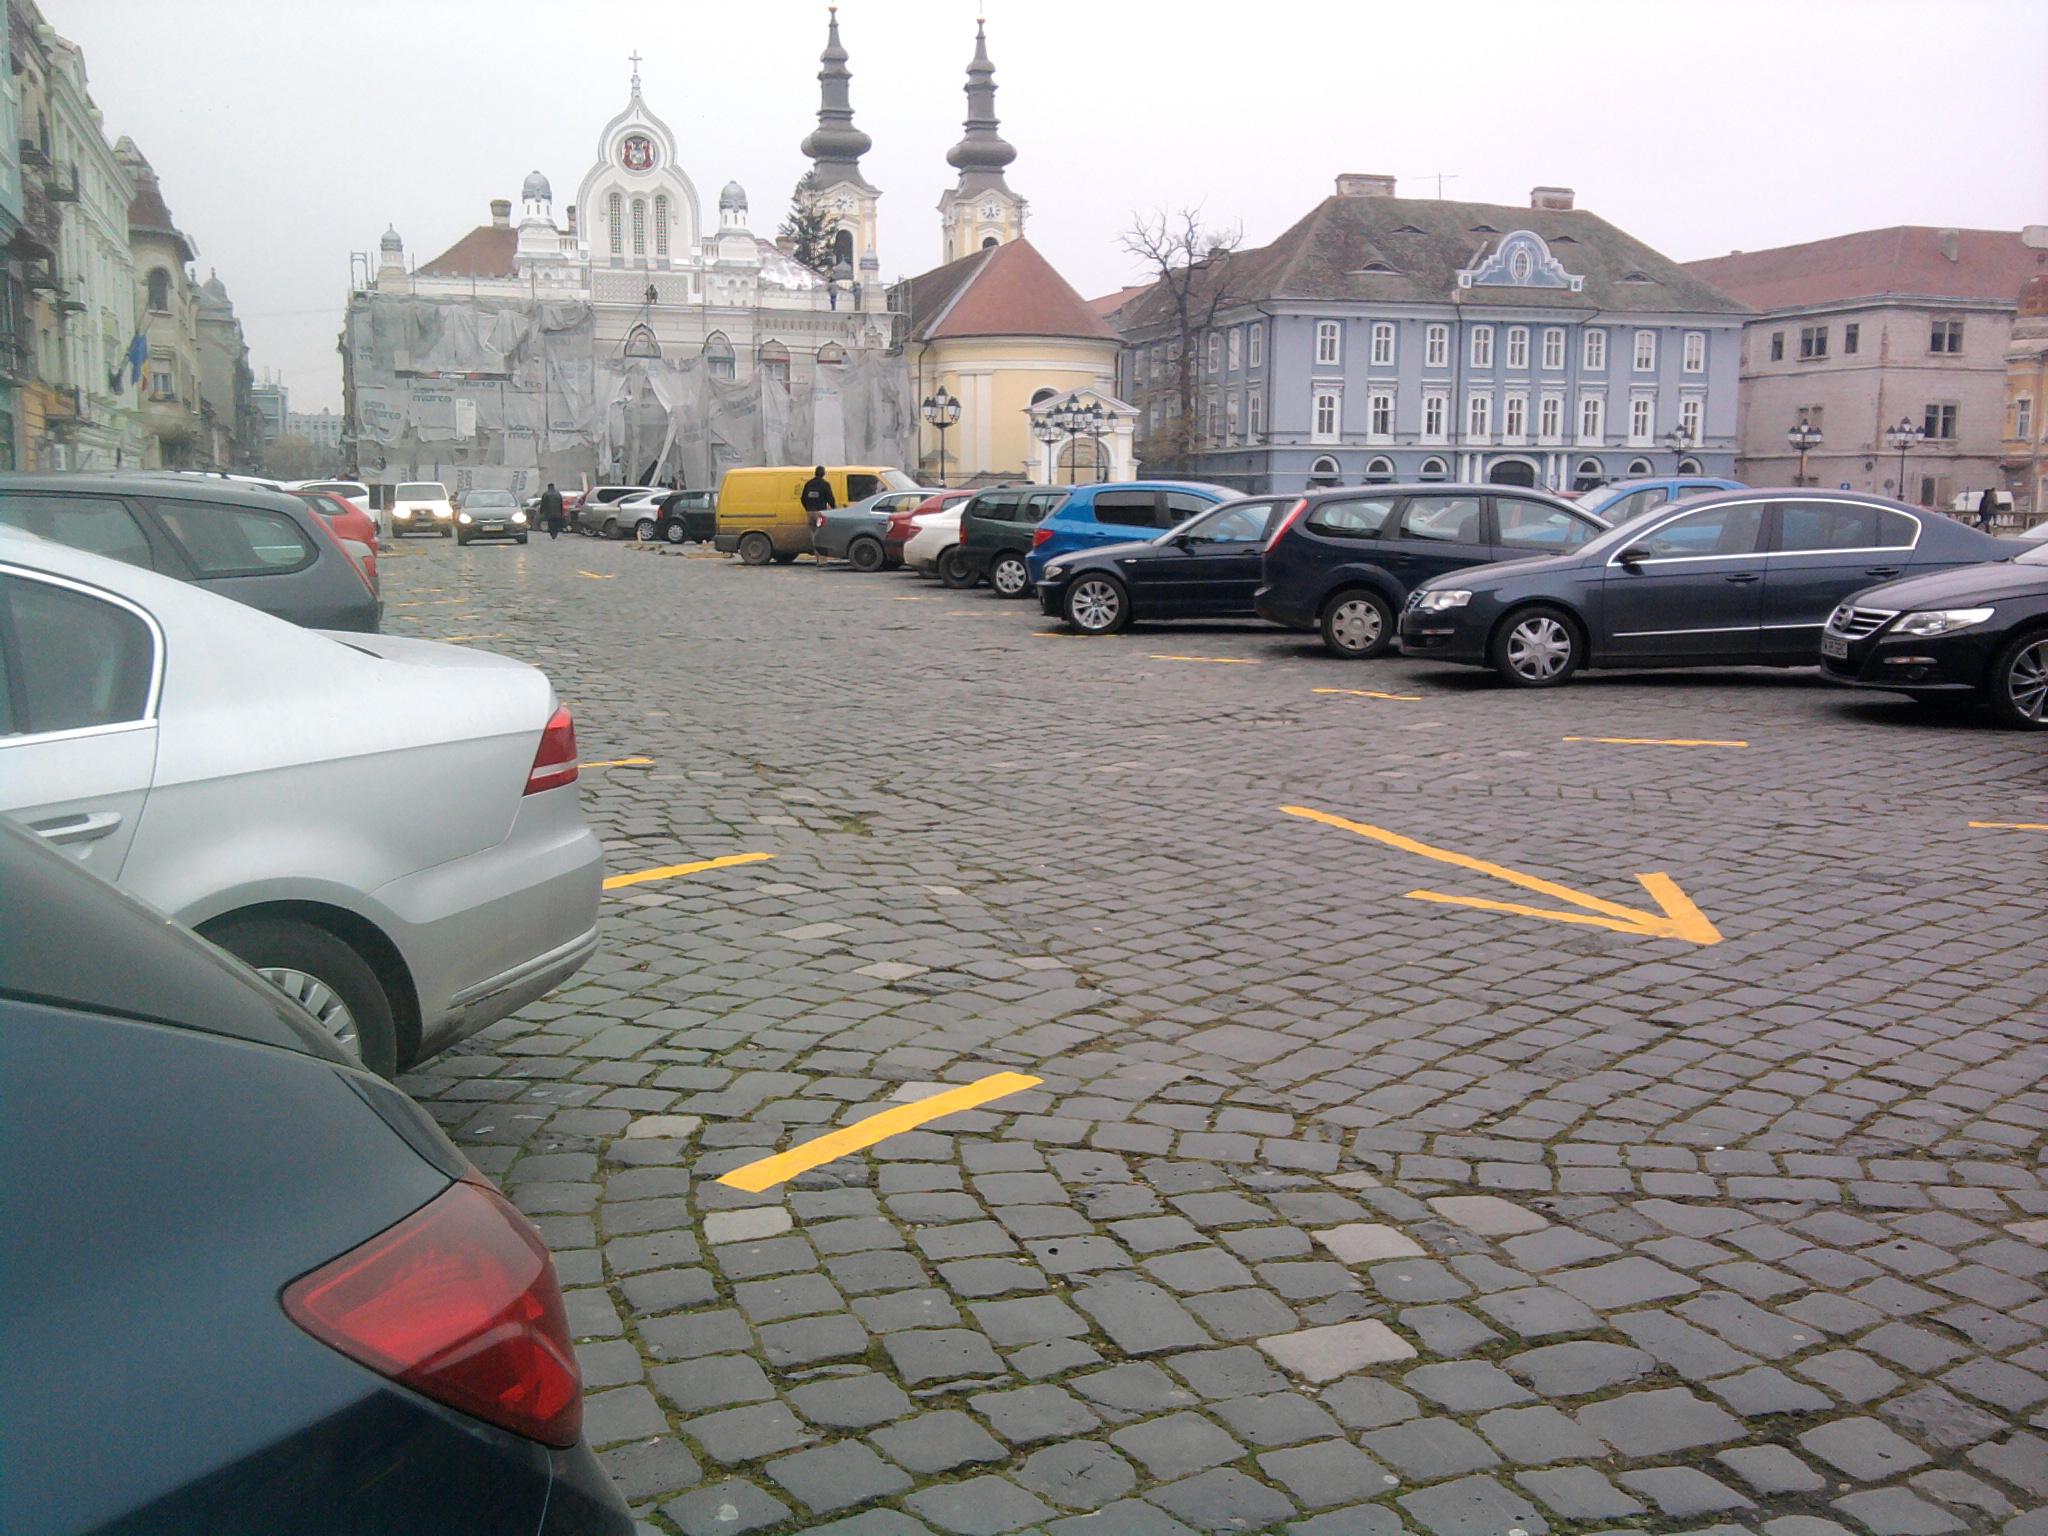 parcare unrii